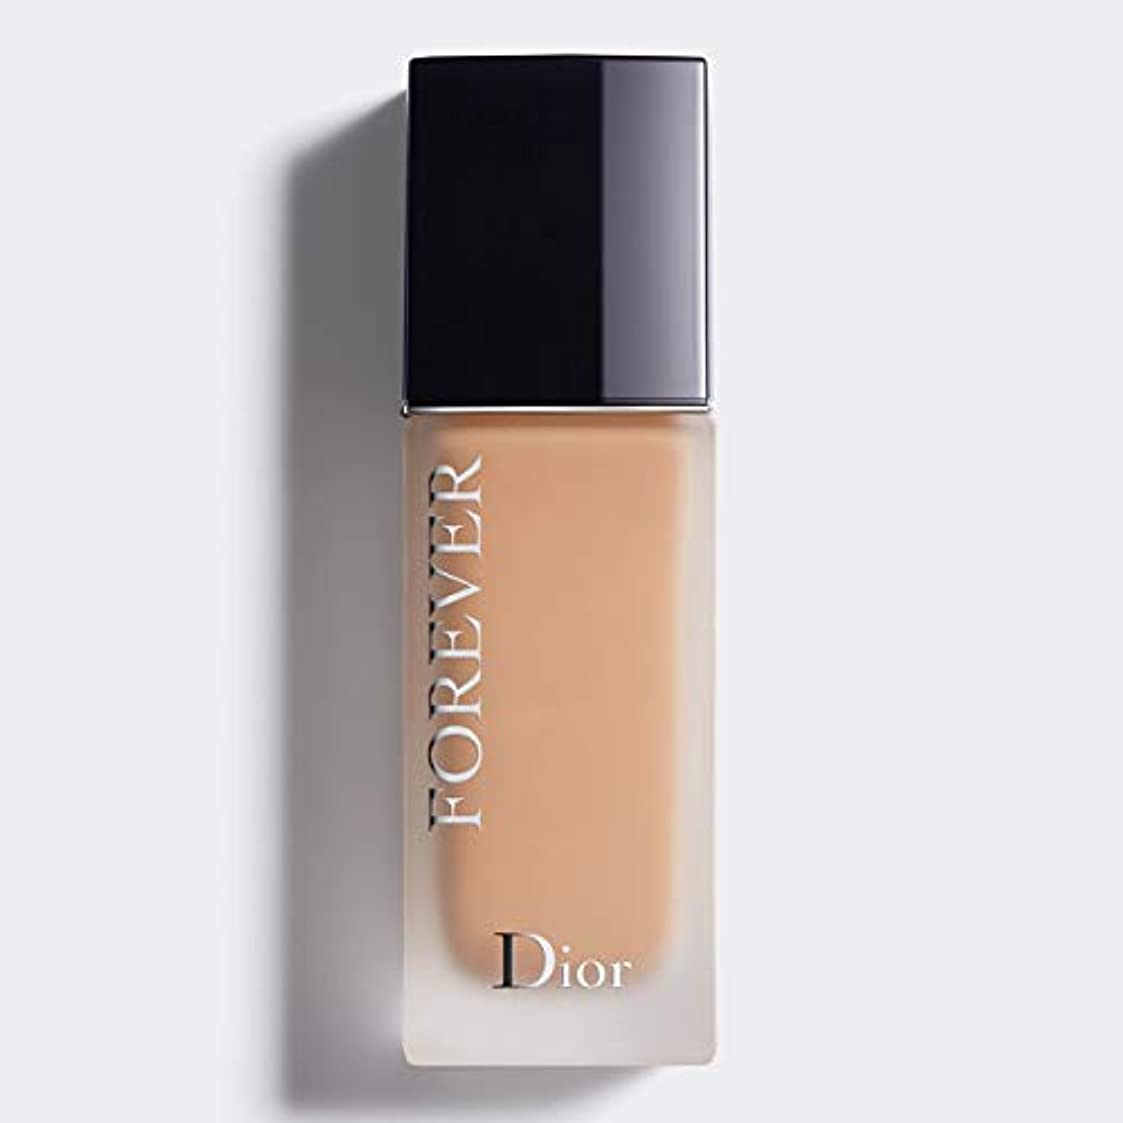 ディベート無謀トレースクリスチャンディオール Dior Forever 24H Wear High Perfection Foundation SPF 35 - # 3.5N (Neutral) 30ml/1oz並行輸入品